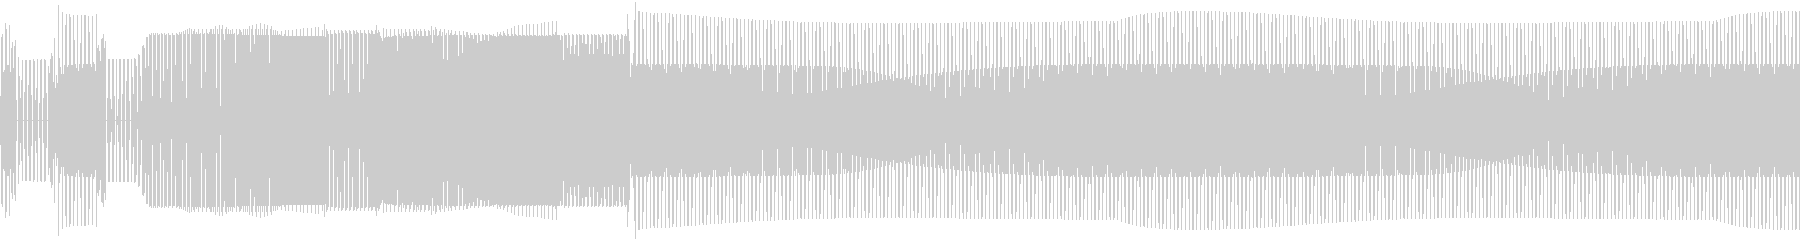 ランダム合成0601 ZGの未再生の波形